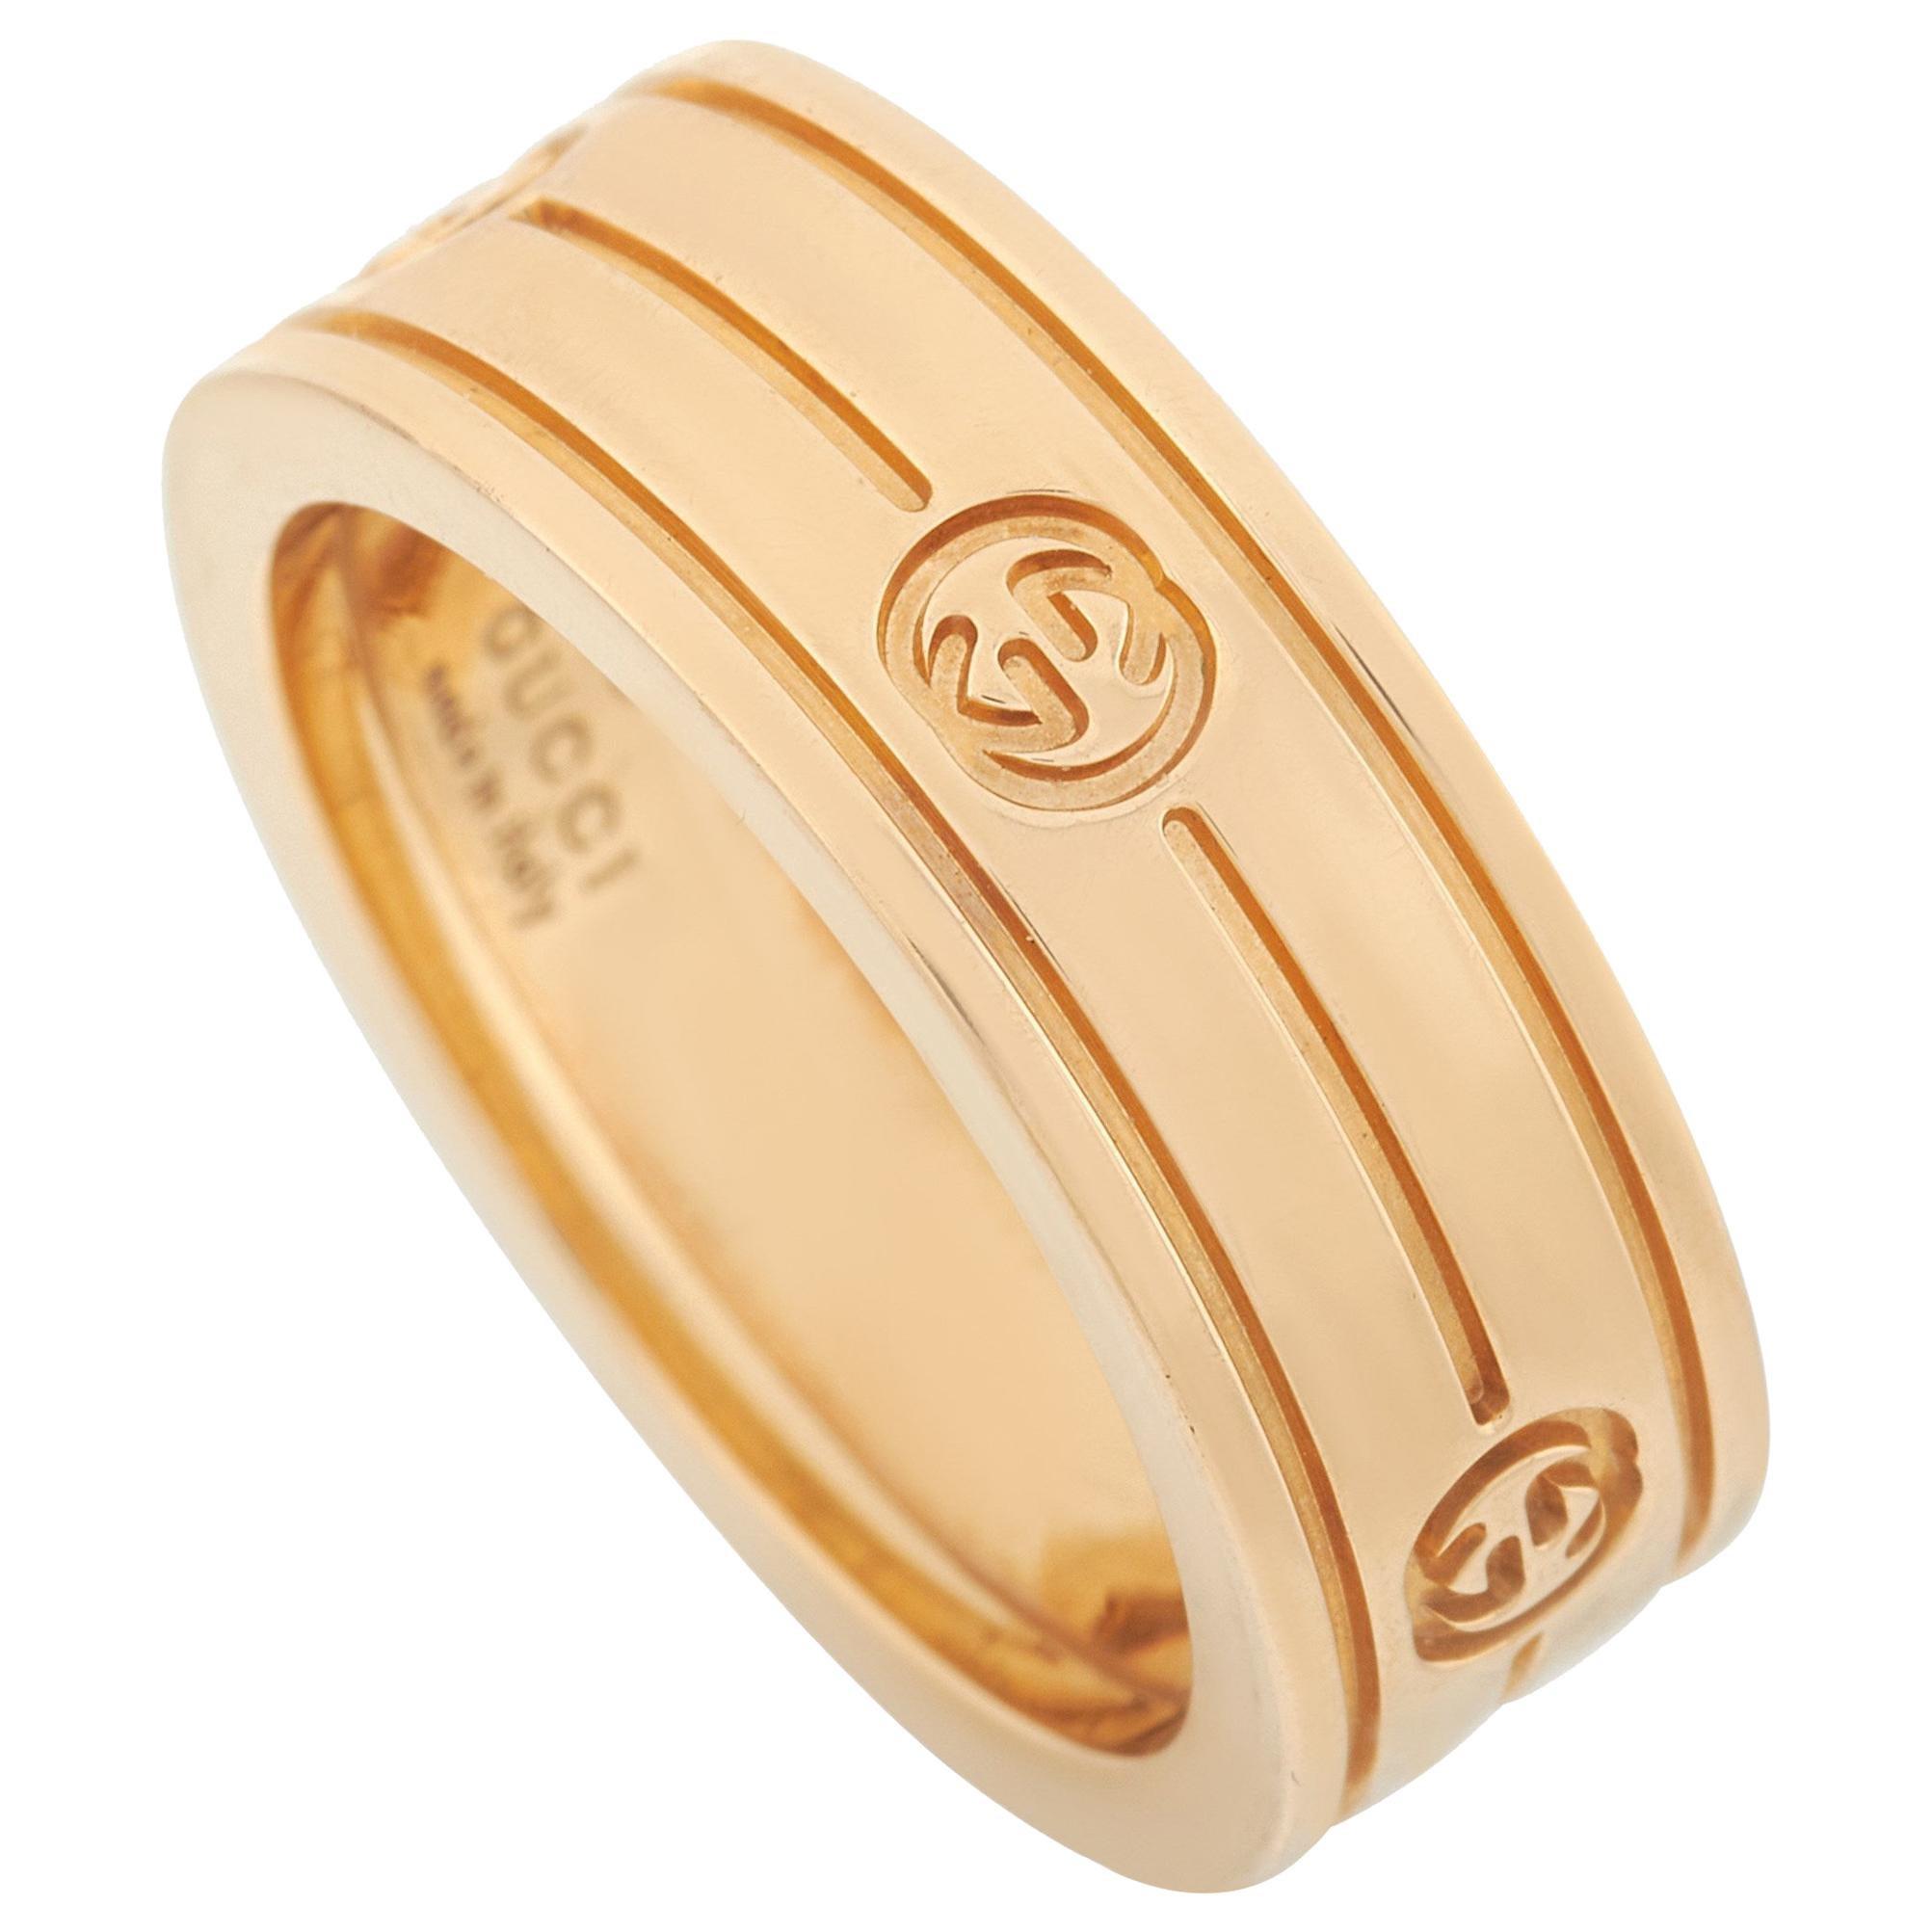 Gucci 18 Karat Yellow Gold Interlocking G Band Ring